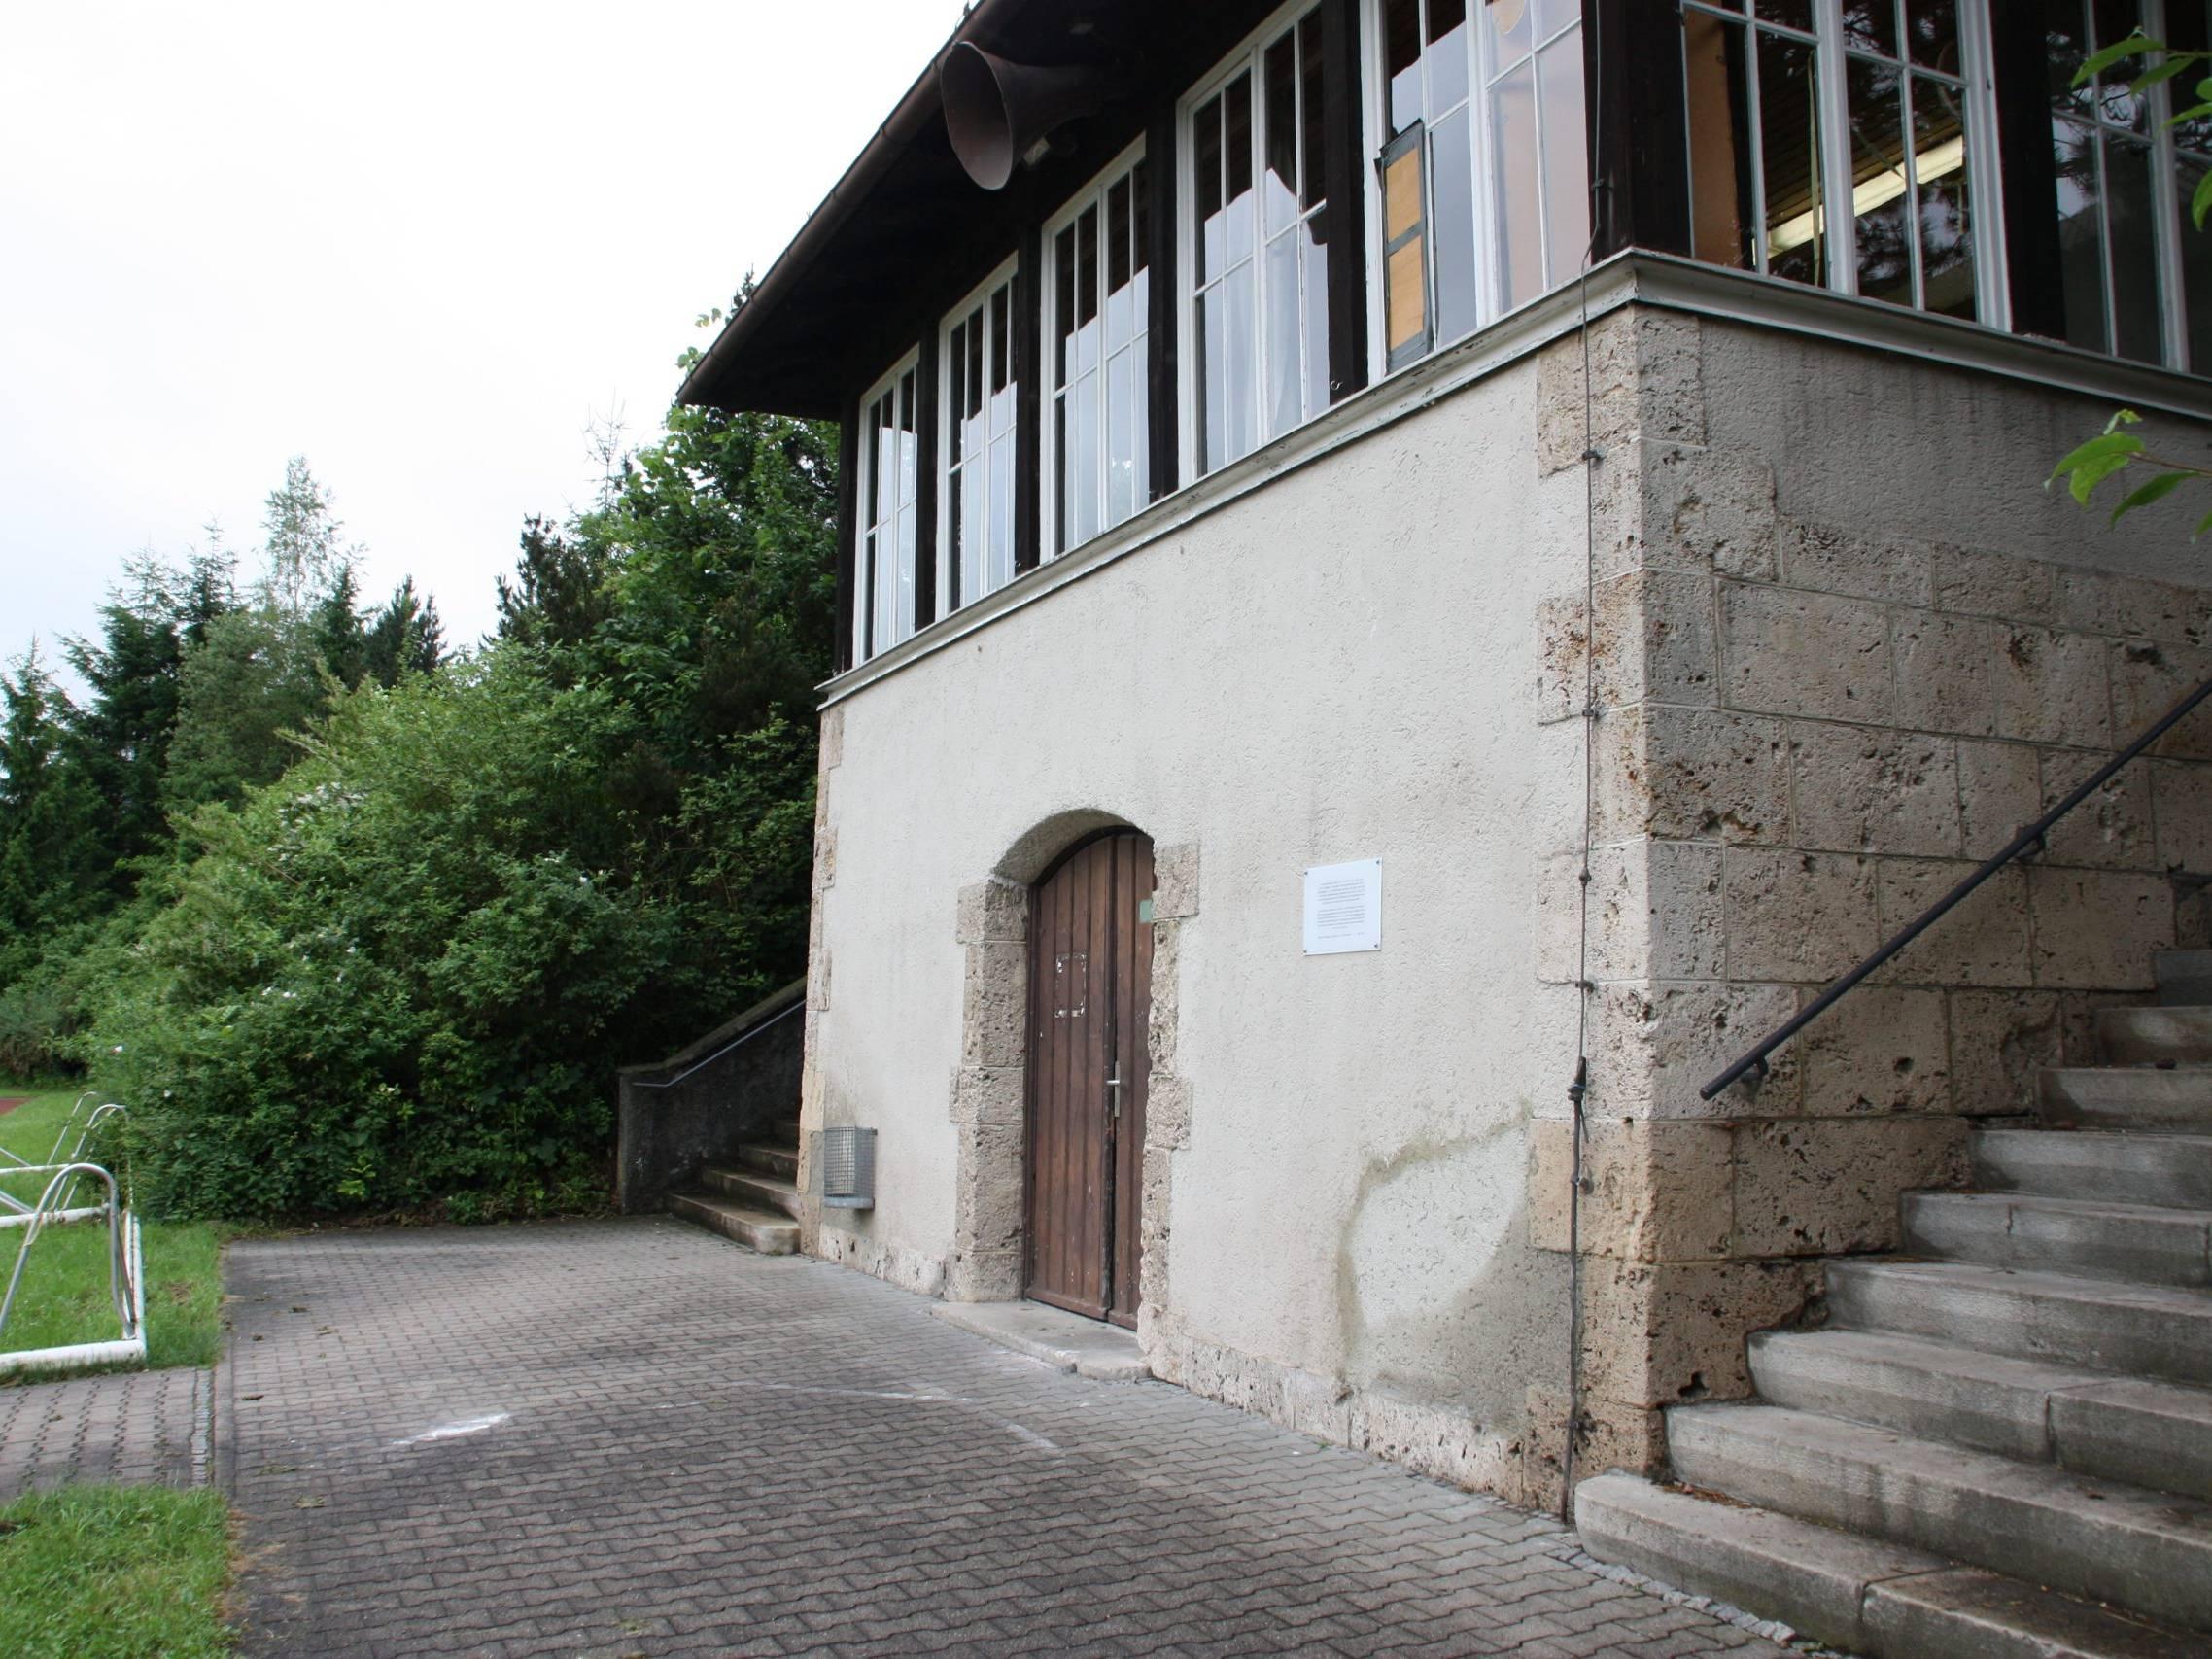 Gedenktafel für KZ-Häftlinge informiert über das ehemalige KZ-Außenlager Penzing.